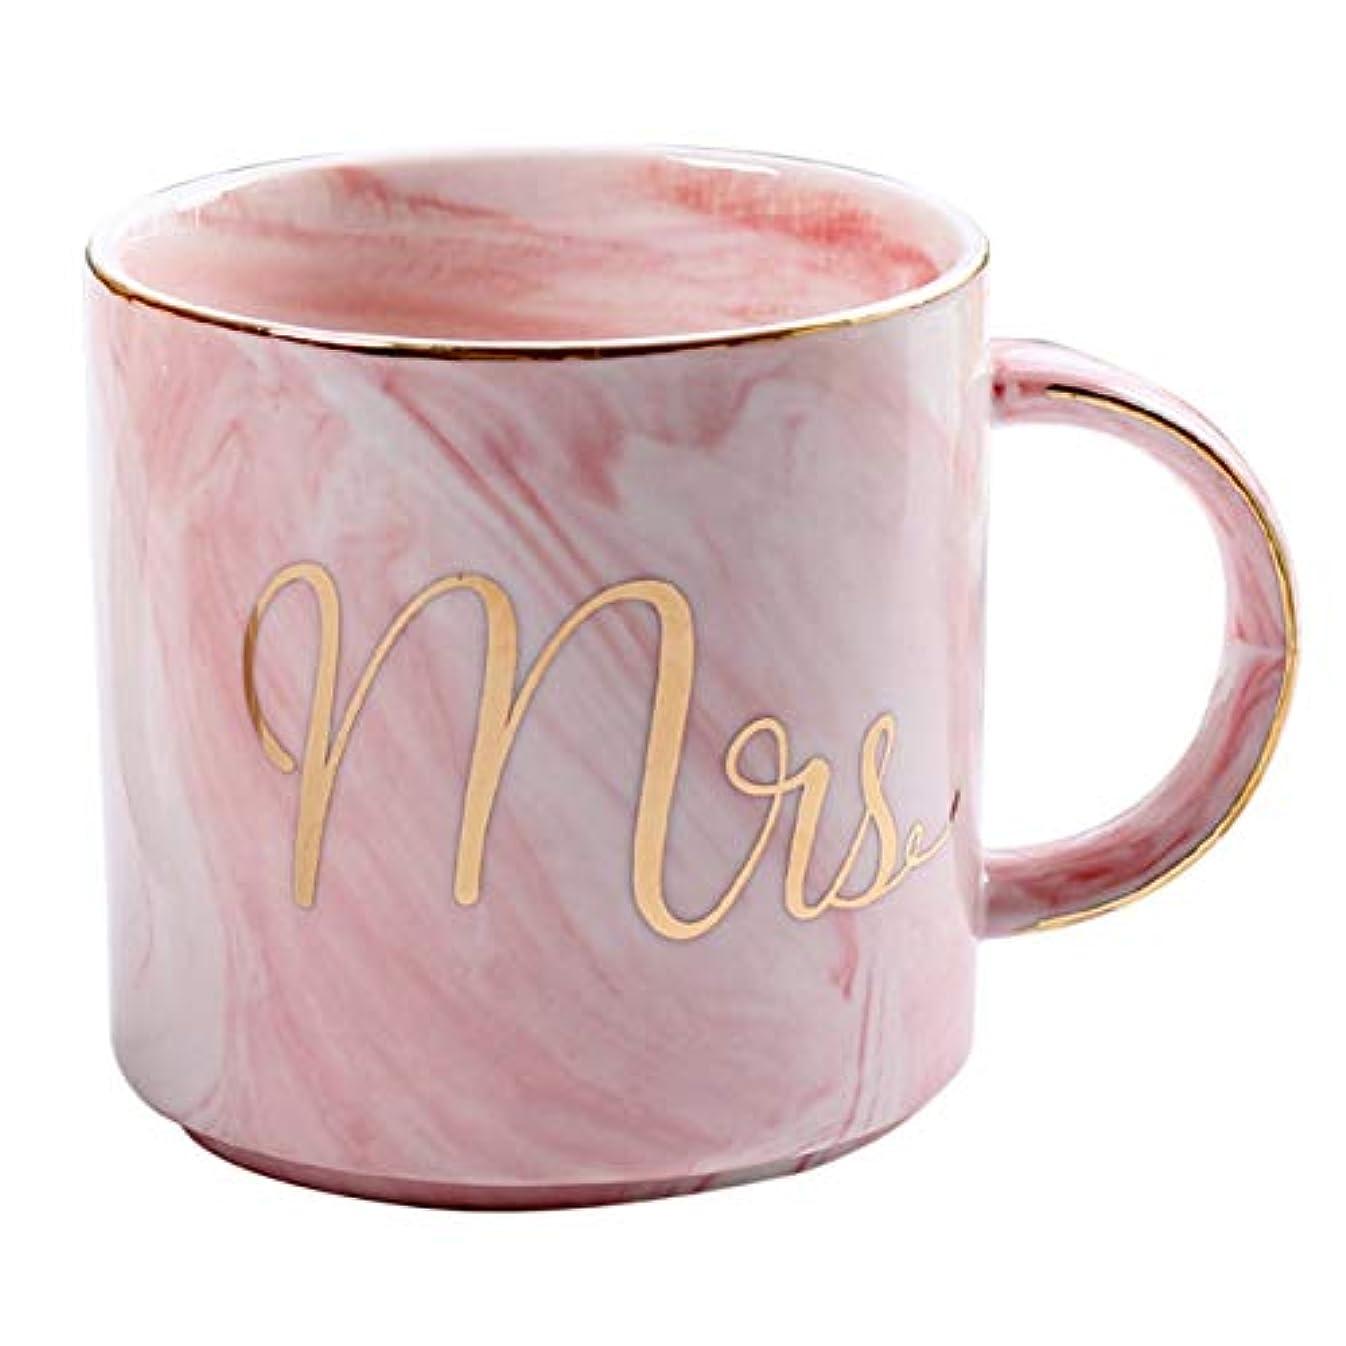 ユーモラス空洞宝Saikogoods 愛好家のためのホームオフィスベストギフトのための美しいMarbelパターンセラミック水マグレタープリントコーヒーカップ ピンク